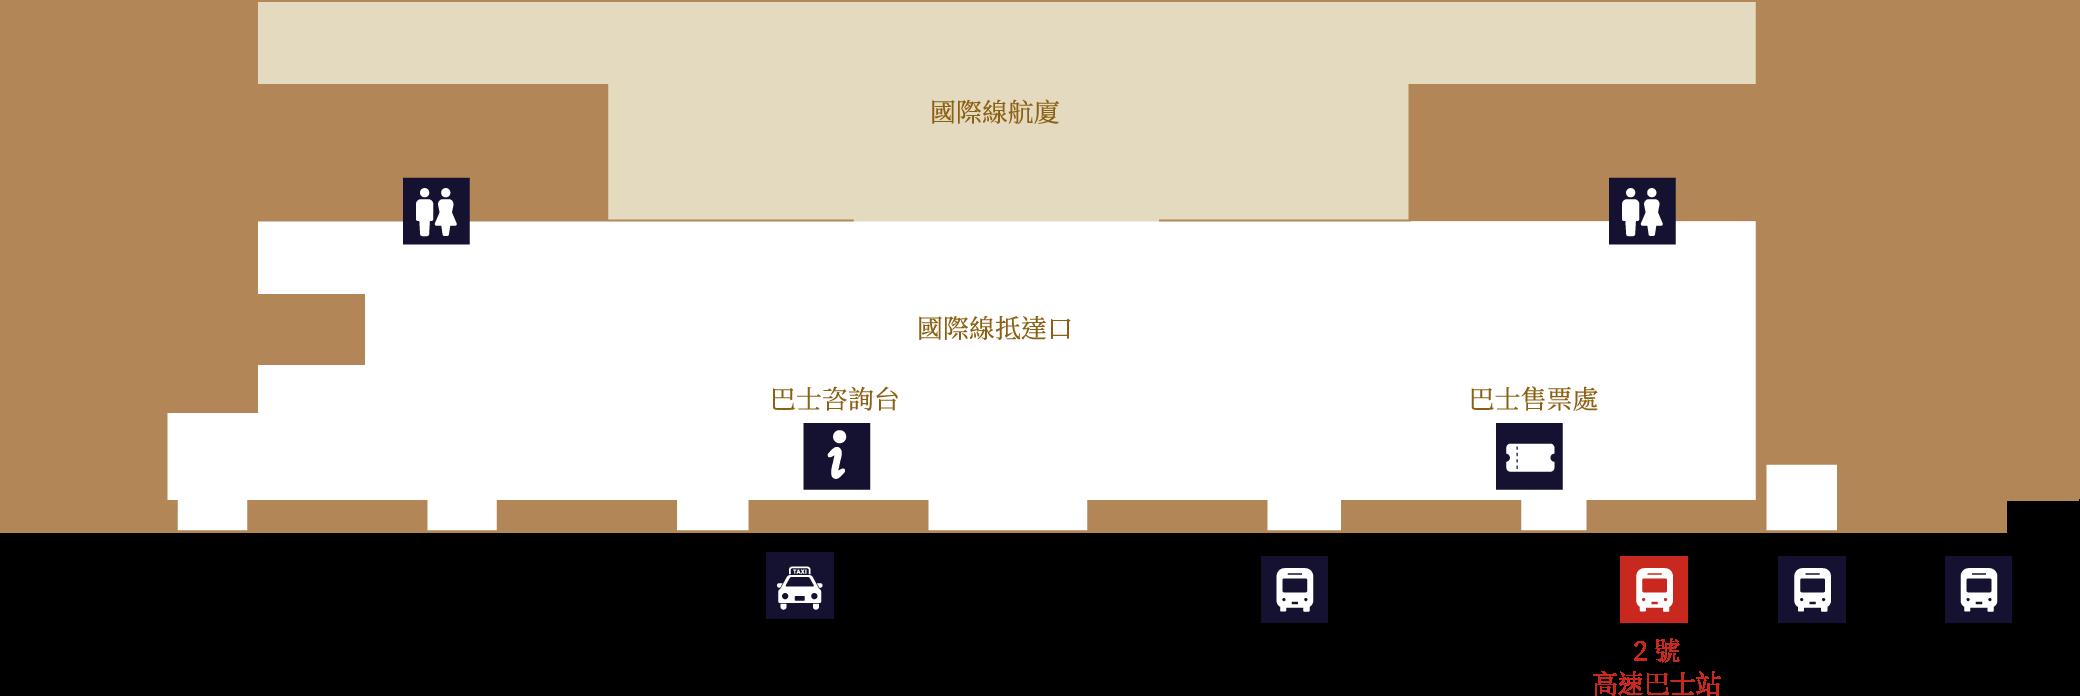 福岡機場指南